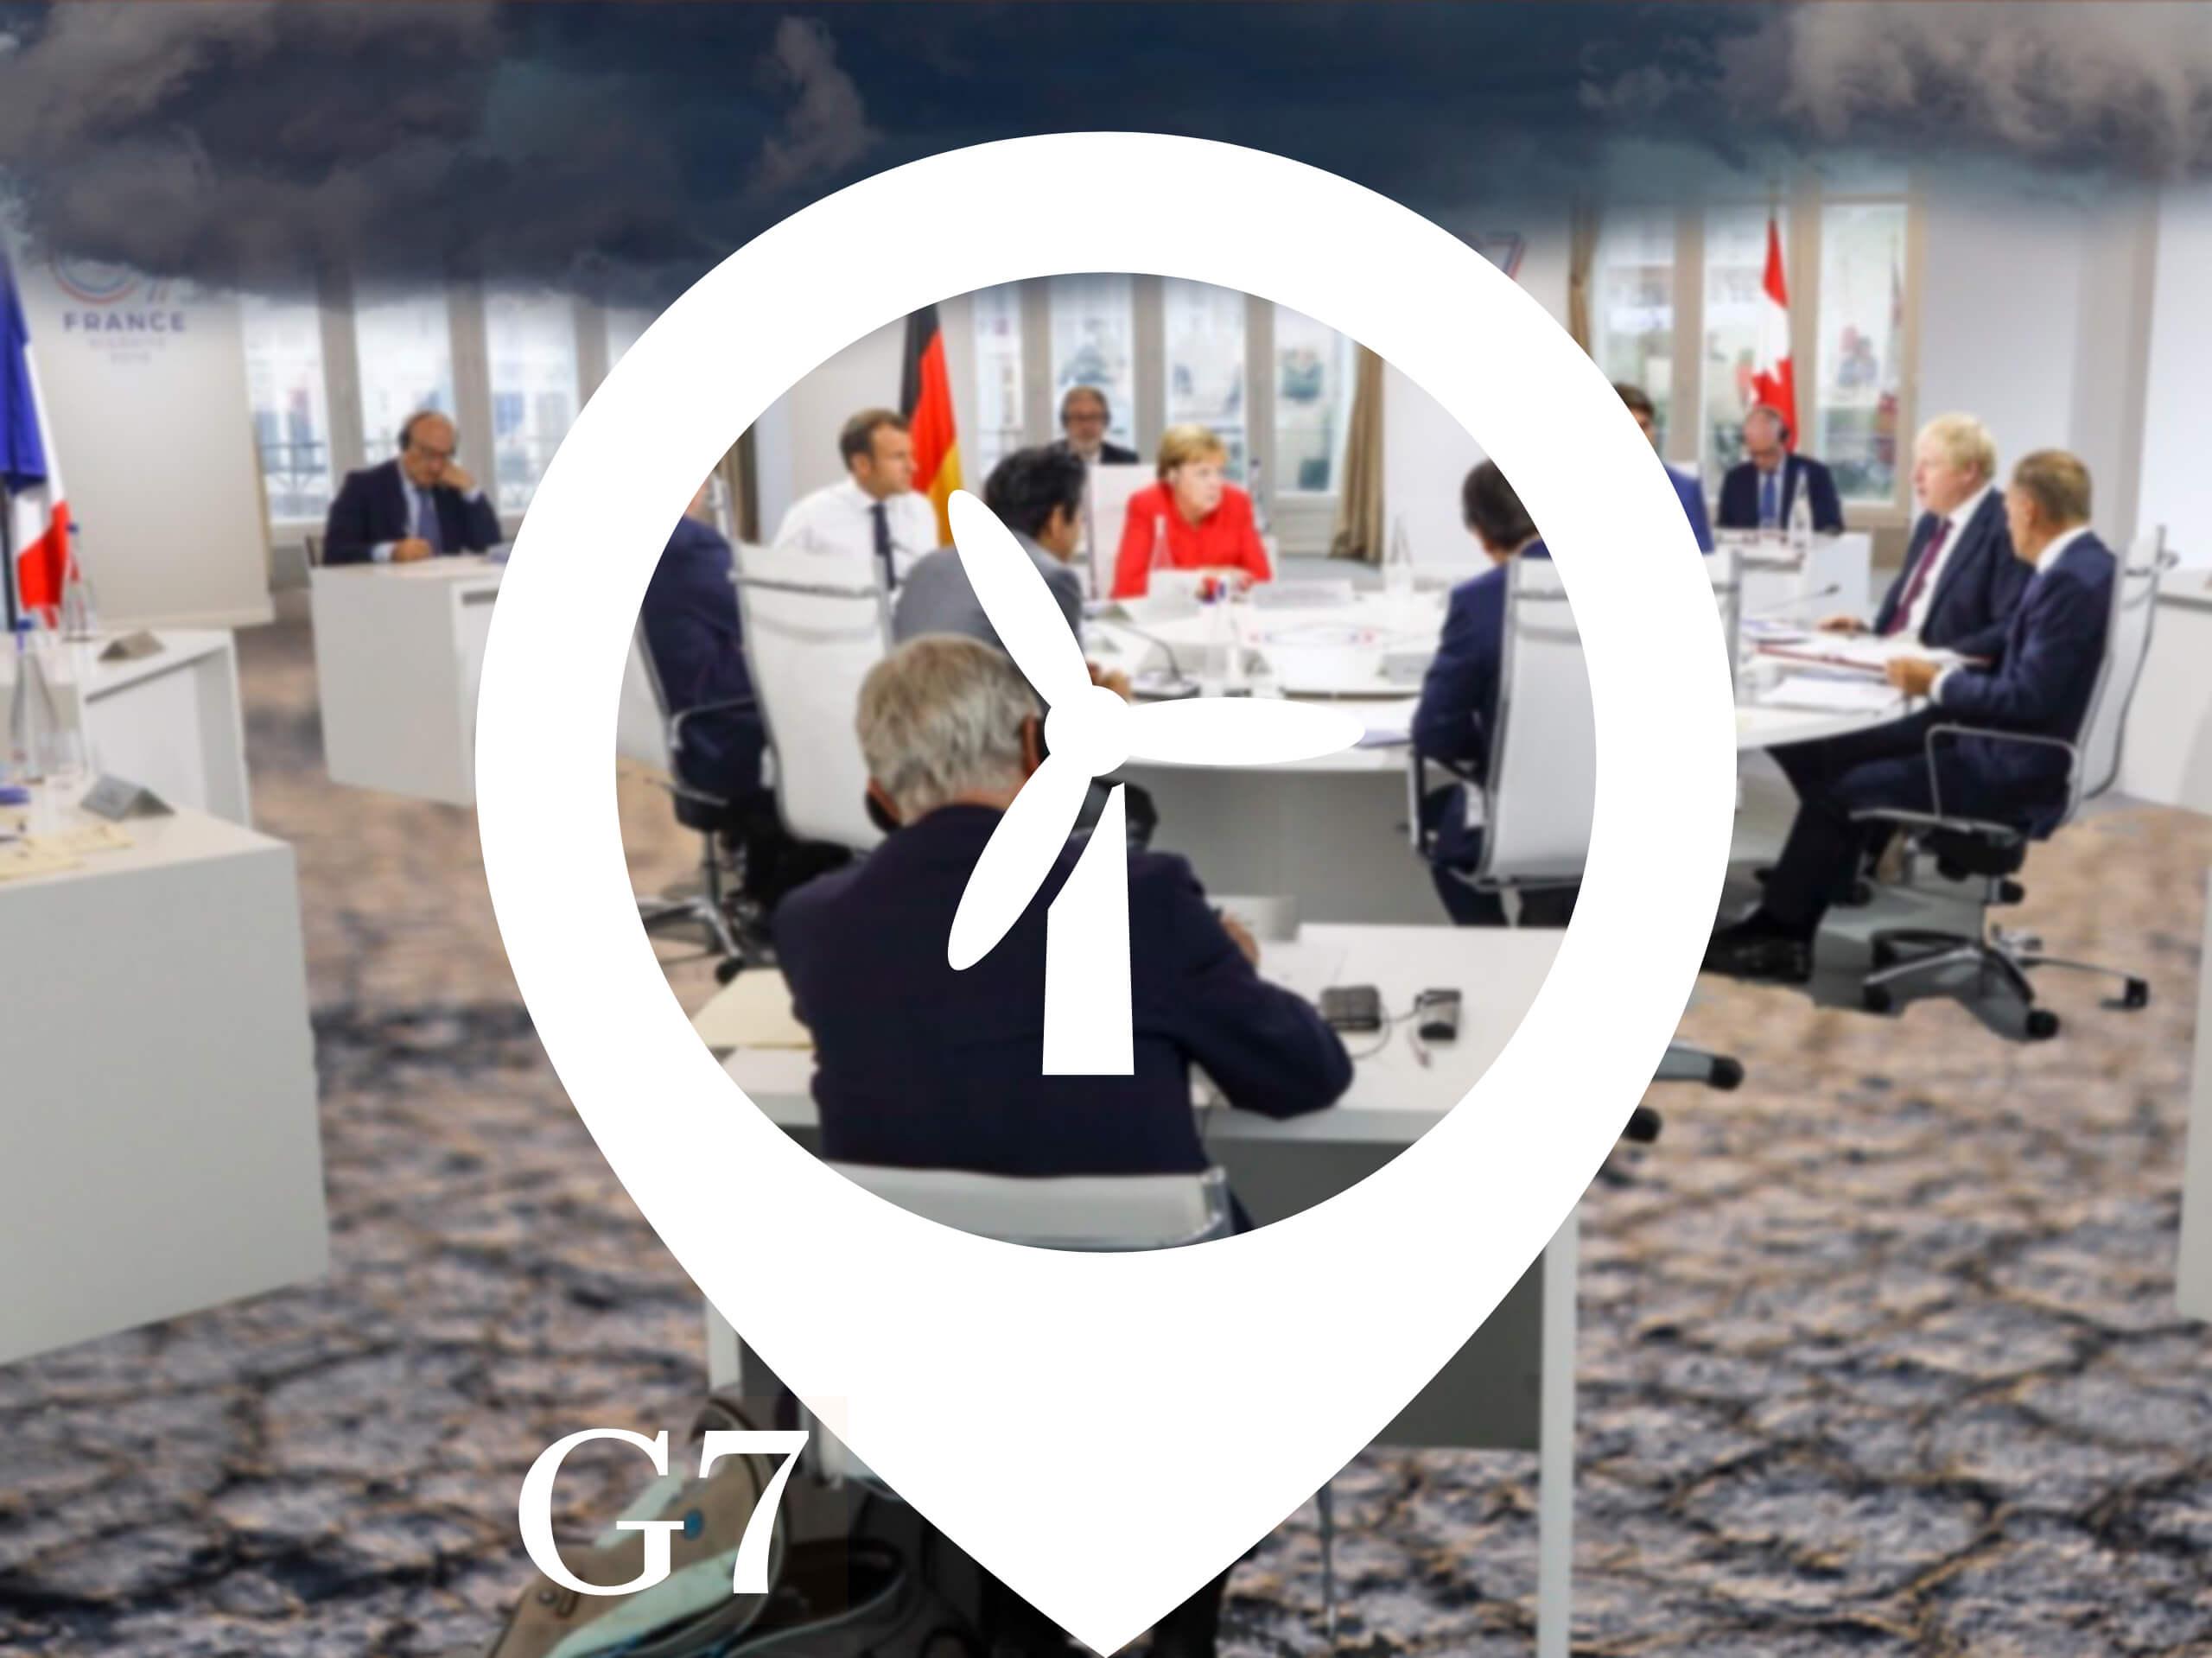 Les leaders du G7 en réunion